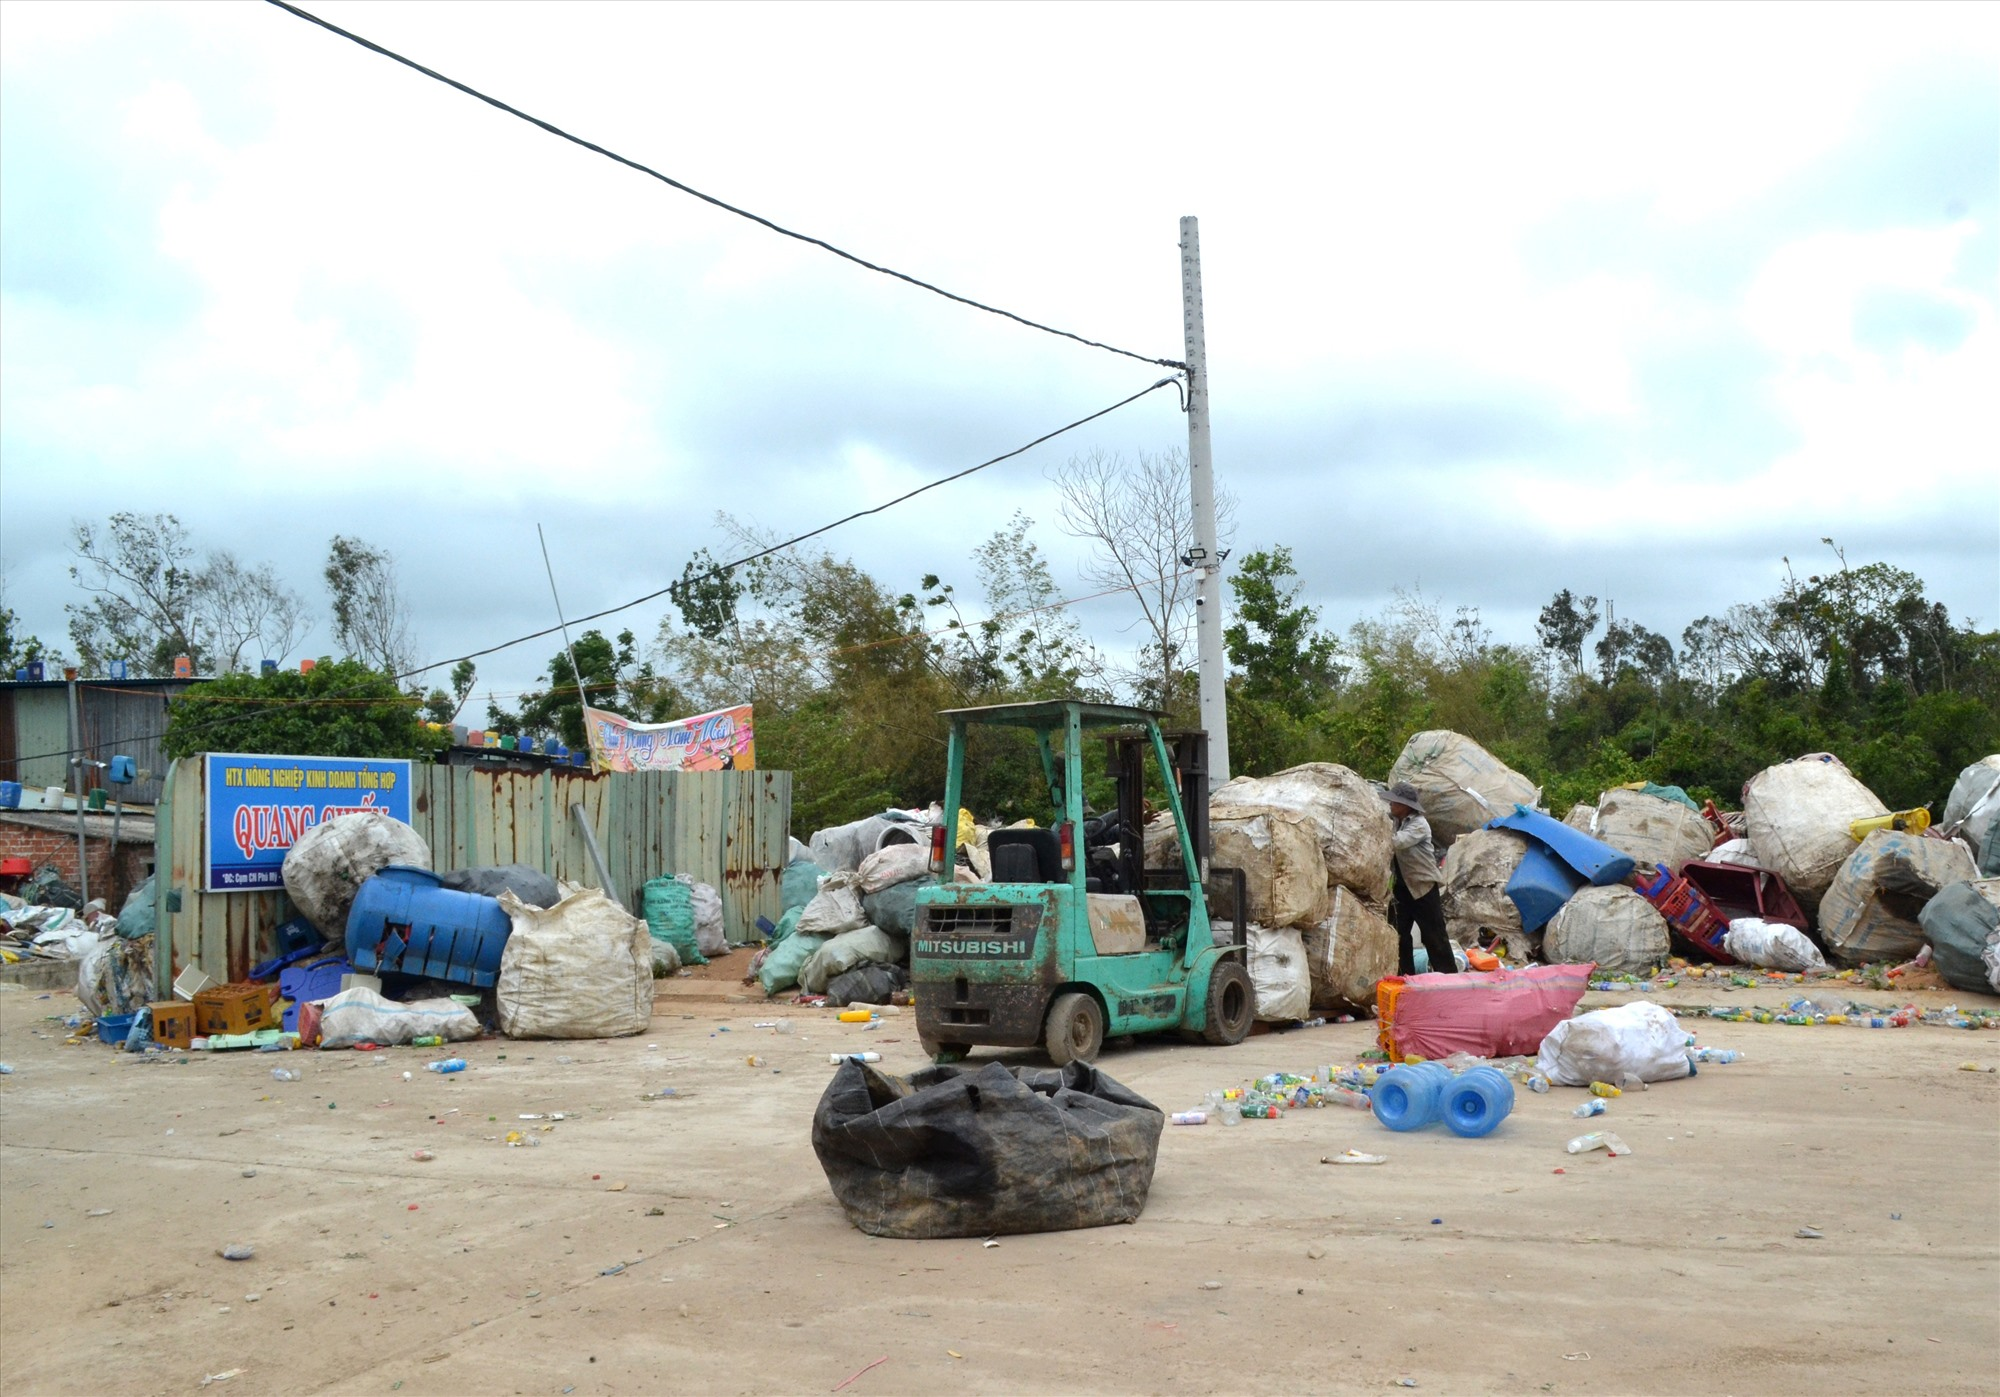 HTX Quang Chiến gây ô nhiễm môi trường ở CCN Phước Mỹ. Ảnh: VIỆT NGUYỄN